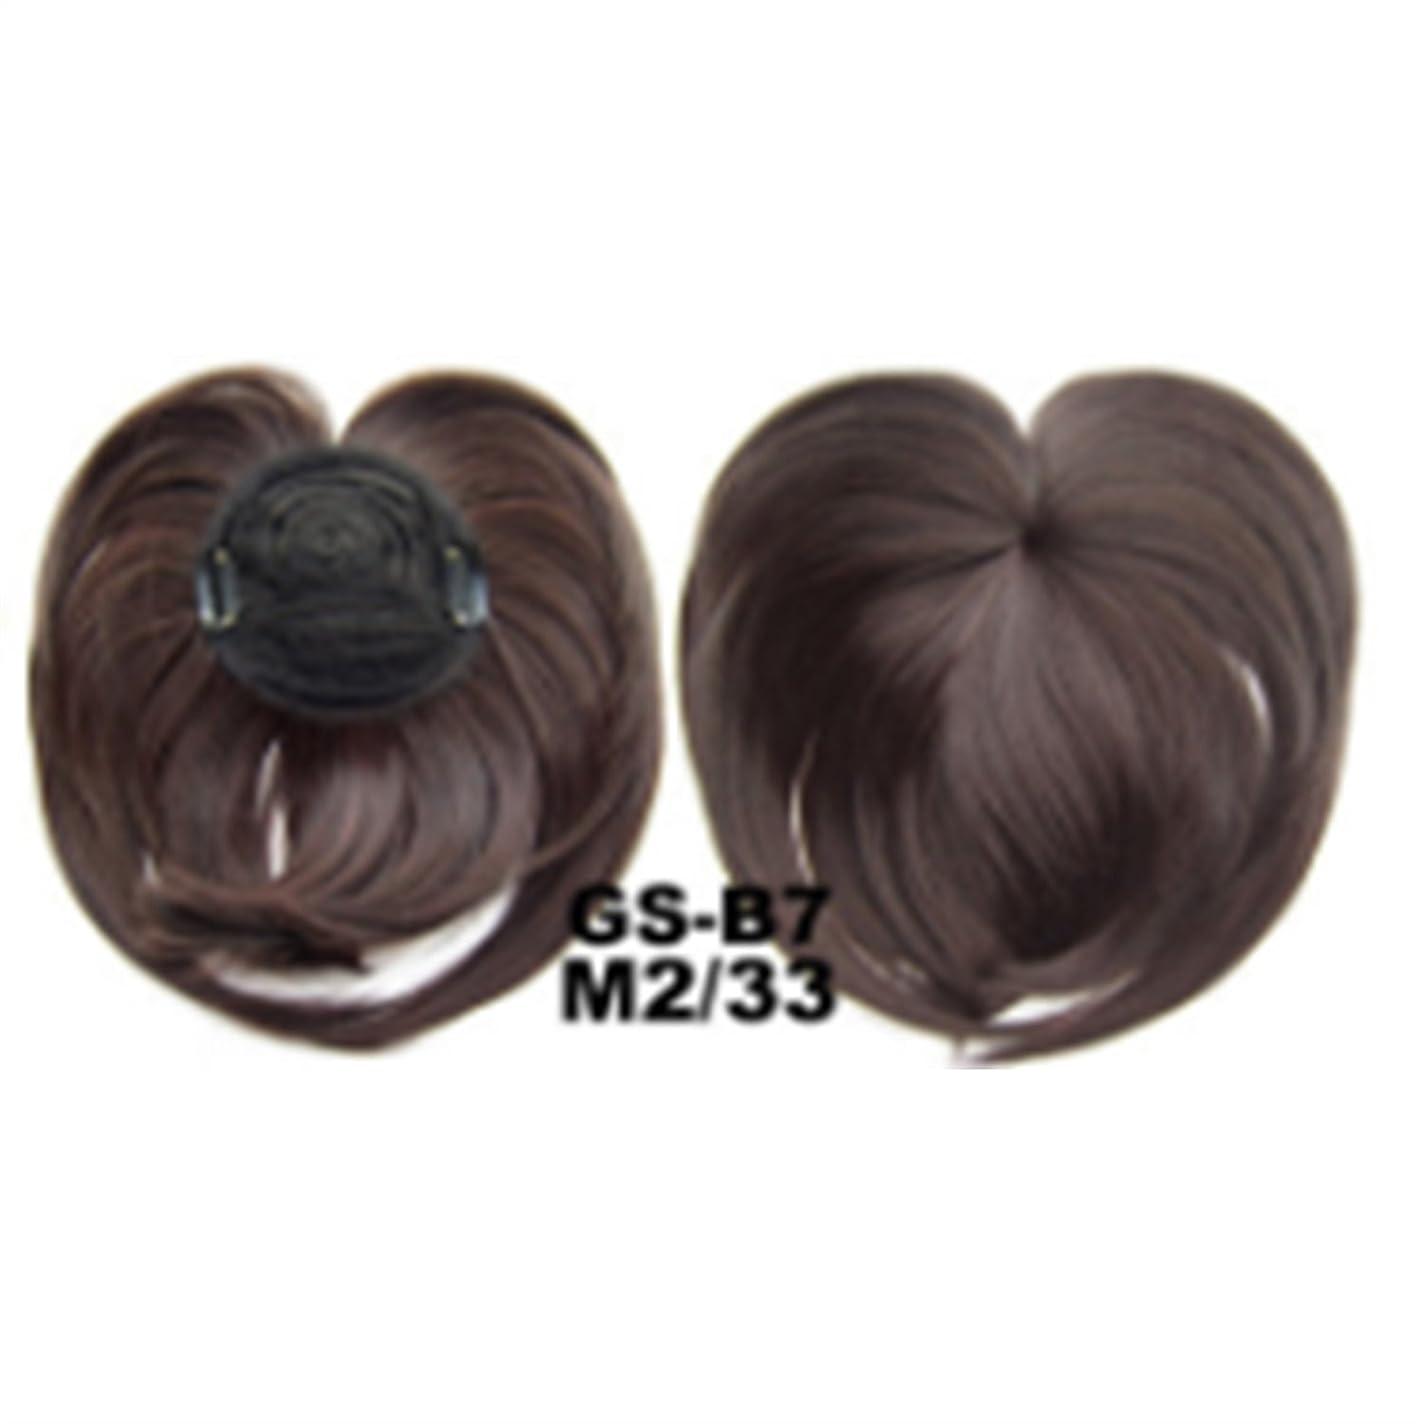 増強する最高しかしKoloeplf 130gヘアエクステンション渦巻く劉海毛のタイプのウィッグのピースナチュラルカラー (Color : GS-M2/33#)